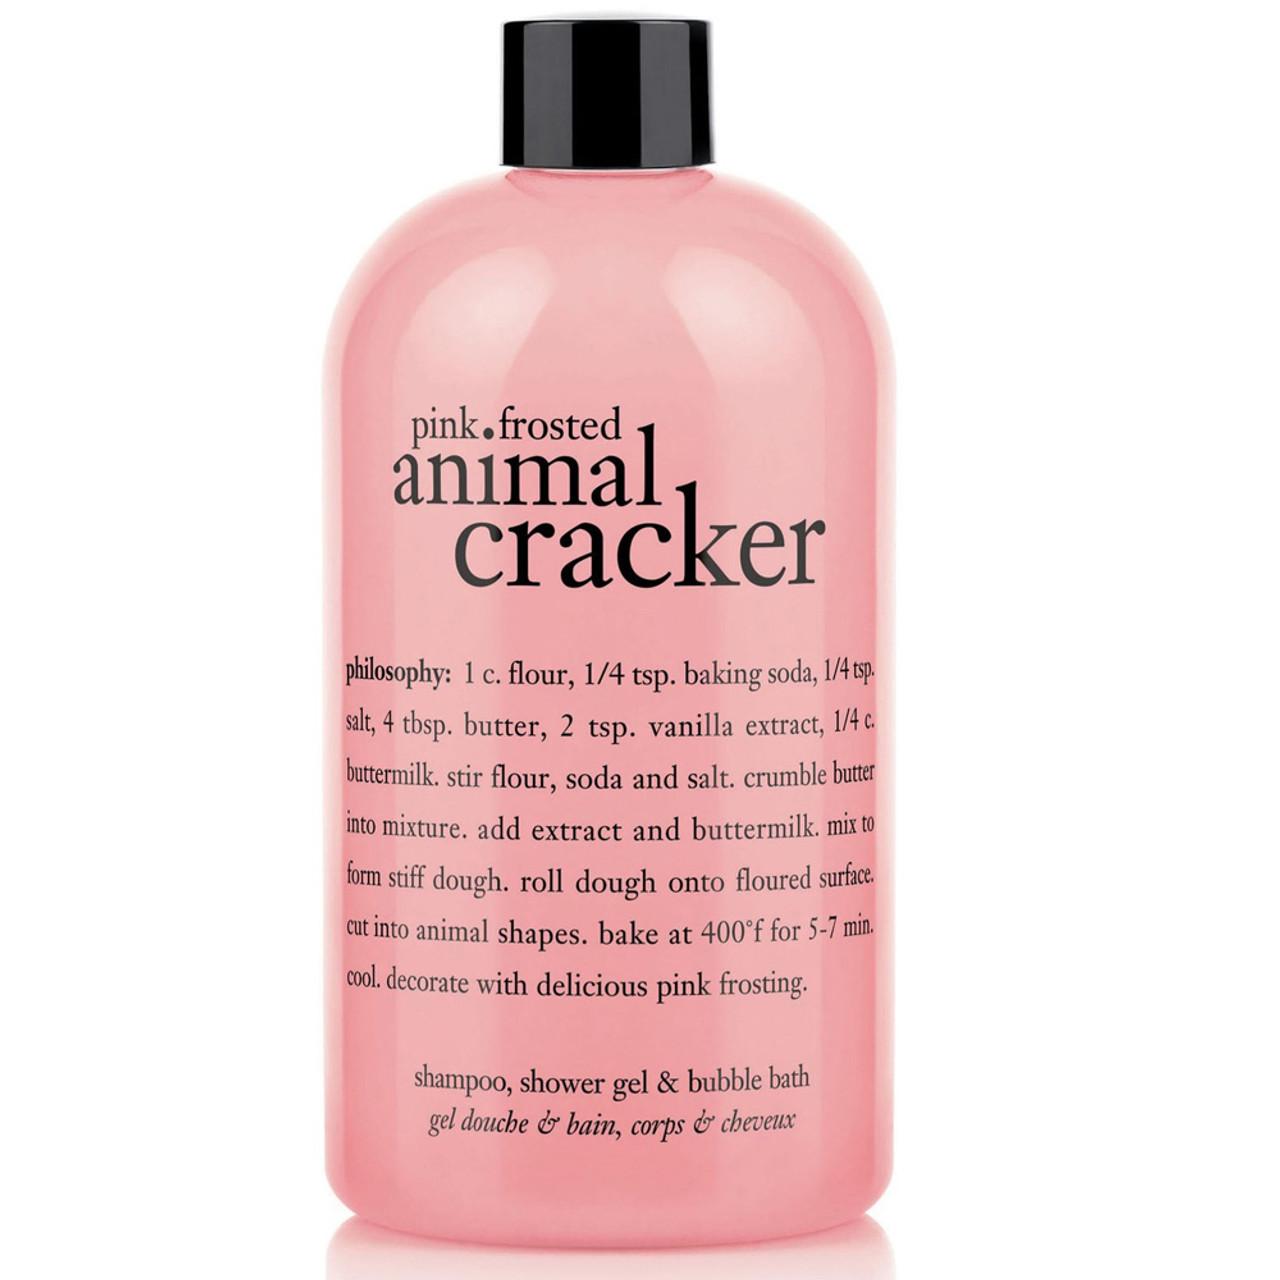 philosophy Pink Frosted Animal Cracker Shower Gel